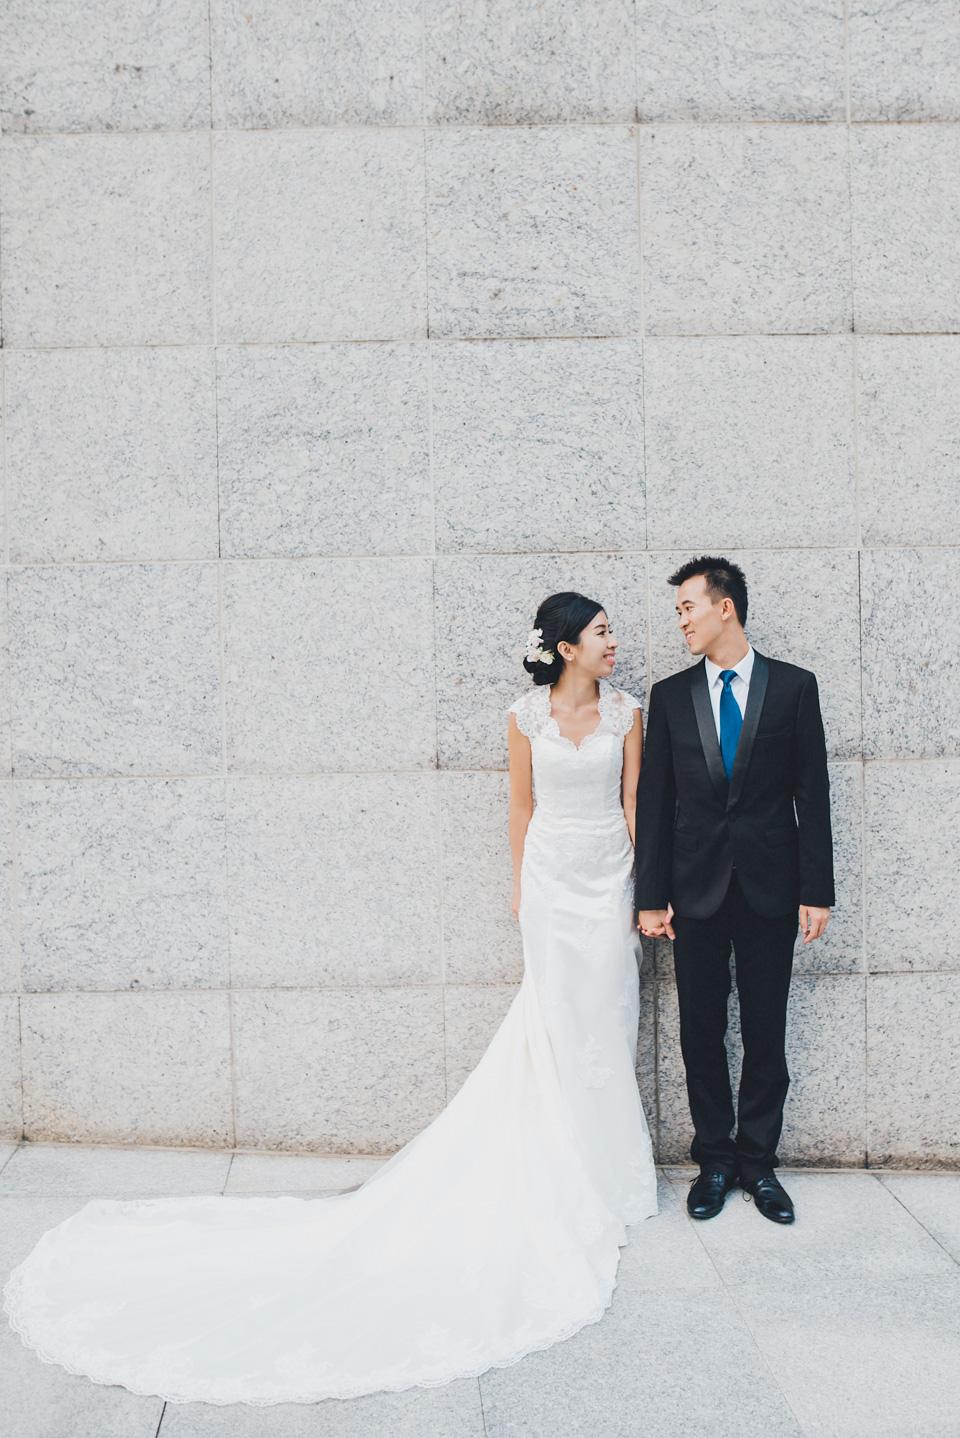 hongkong-wedding-photo-video-125 Kristy & Sam HongKong Wedding Four Saison HKhongkong wedding photo video 125